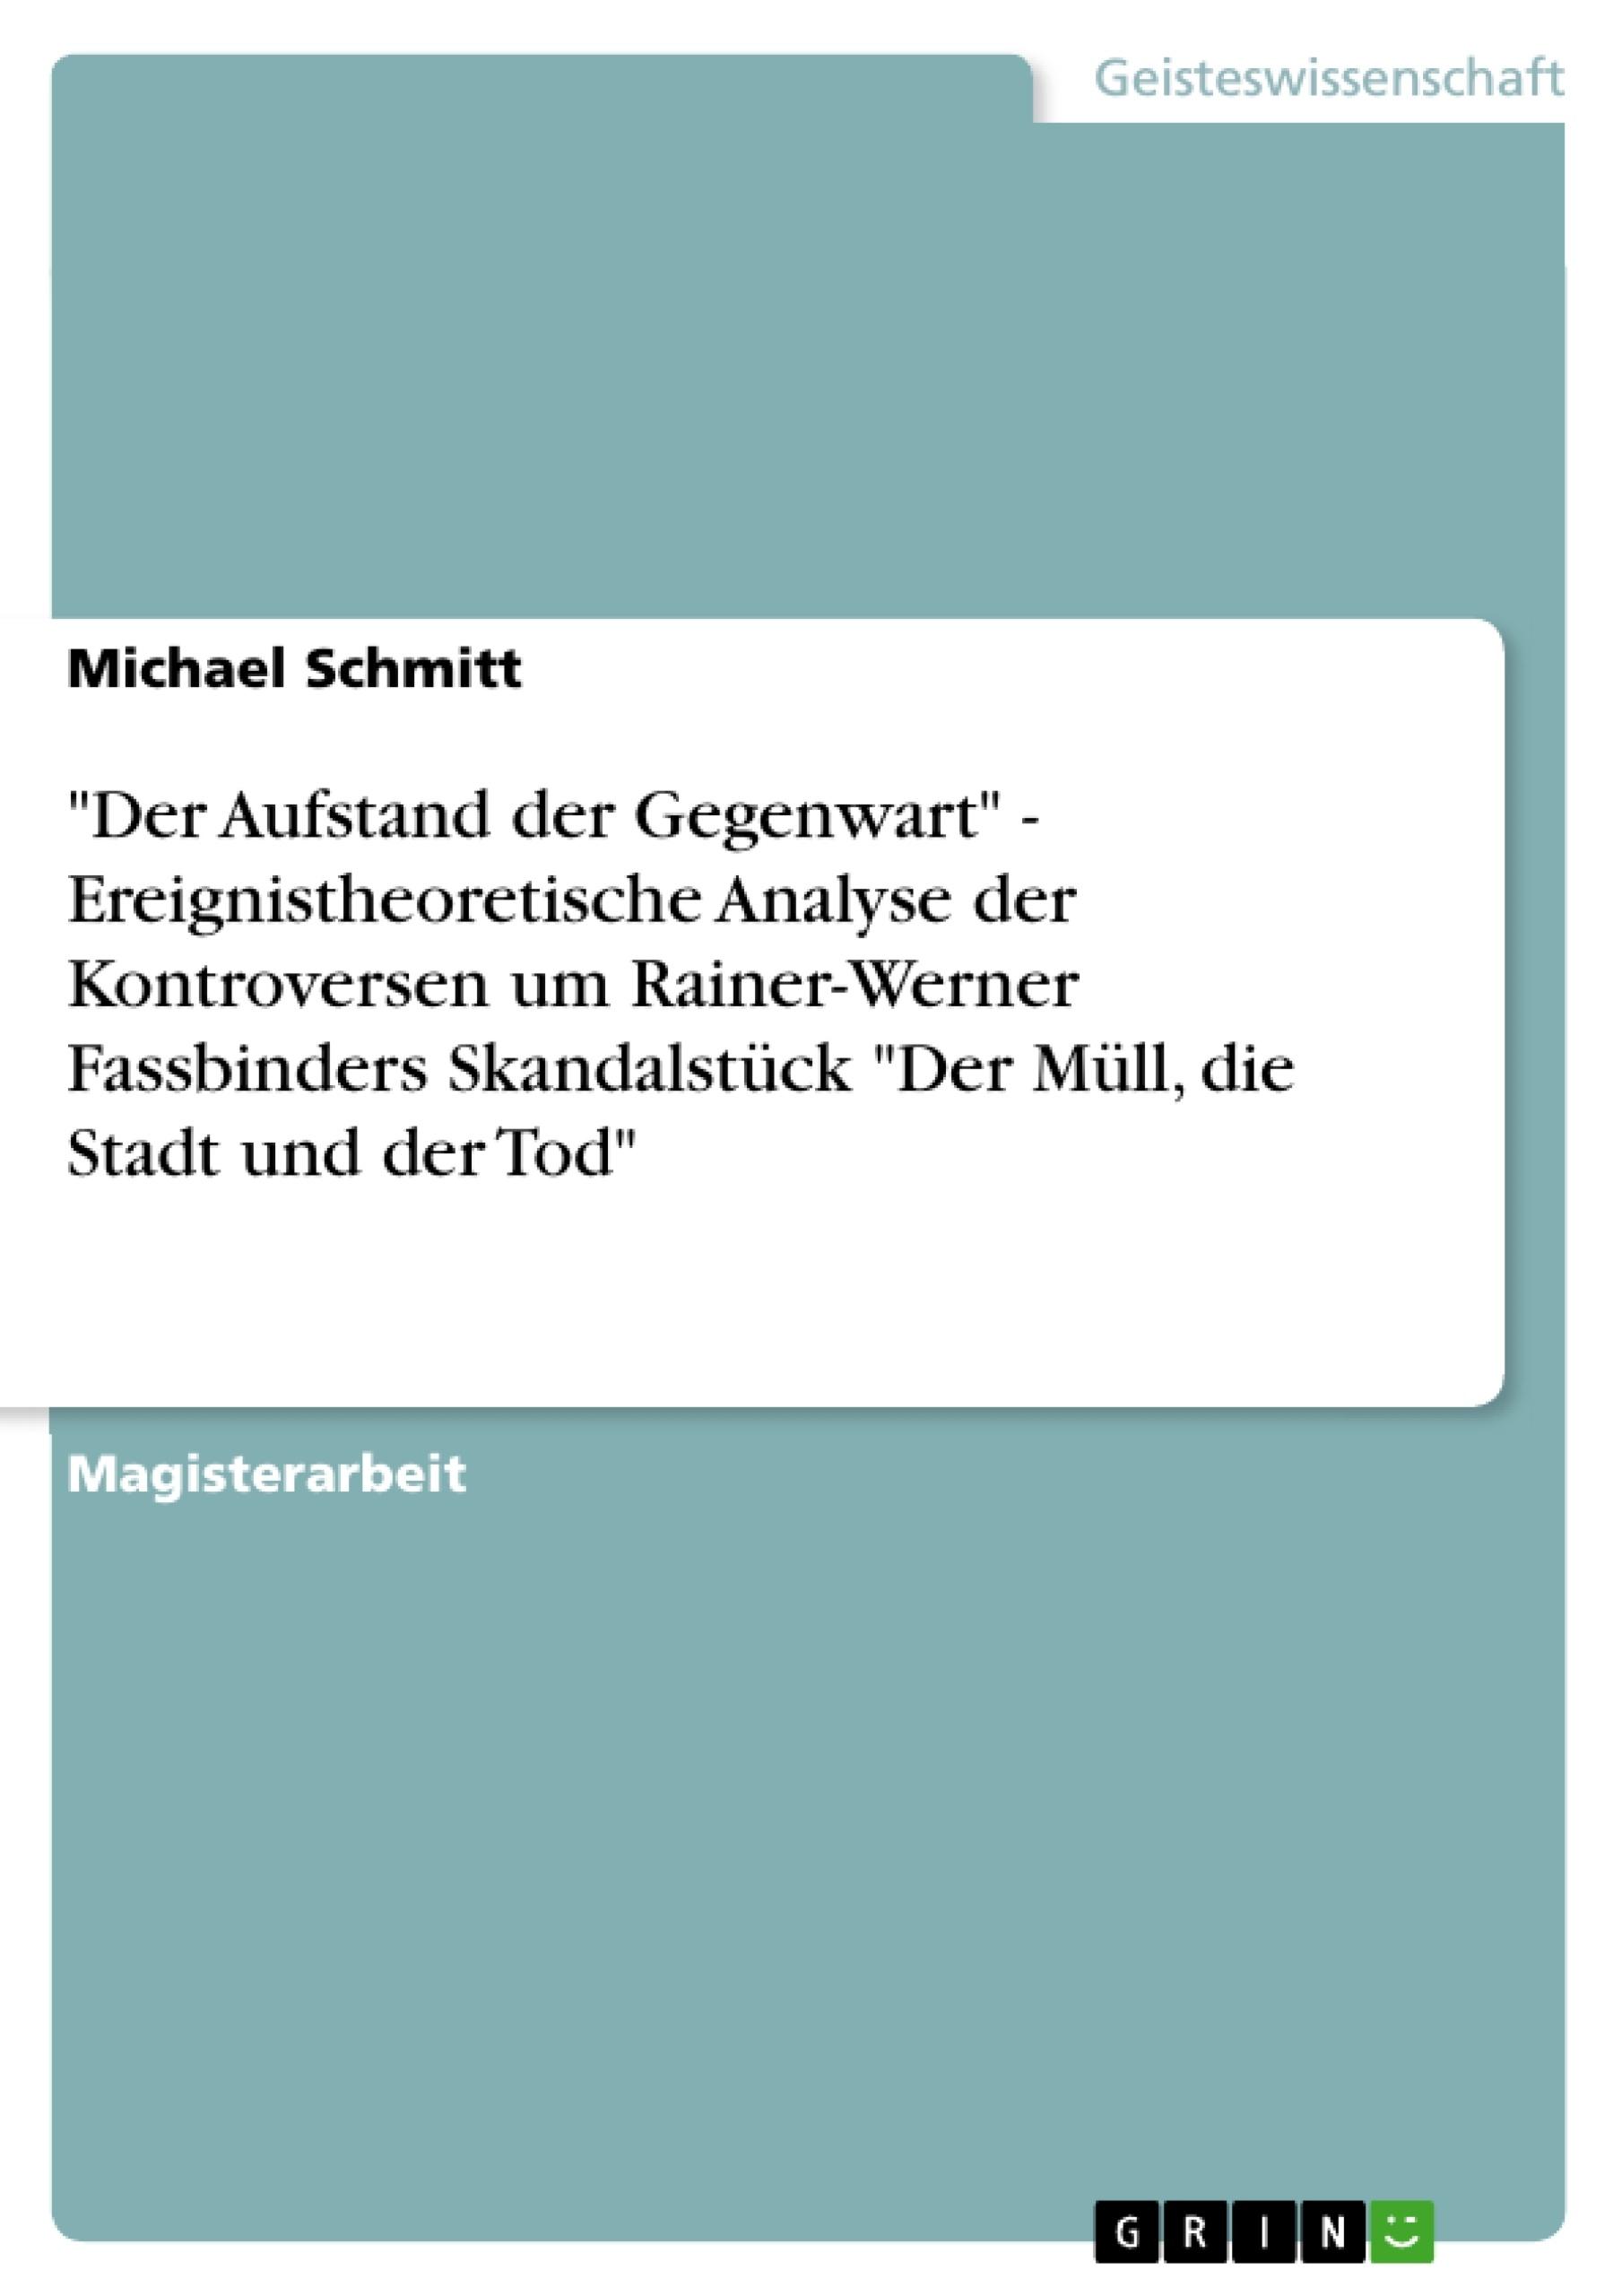 """Titel: """"Der Aufstand der Gegenwart"""" - Ereignistheoretische Analyse der Kontroversen um Rainer-Werner Fassbinders Skandalstück """"Der Müll, die Stadt und der Tod"""""""